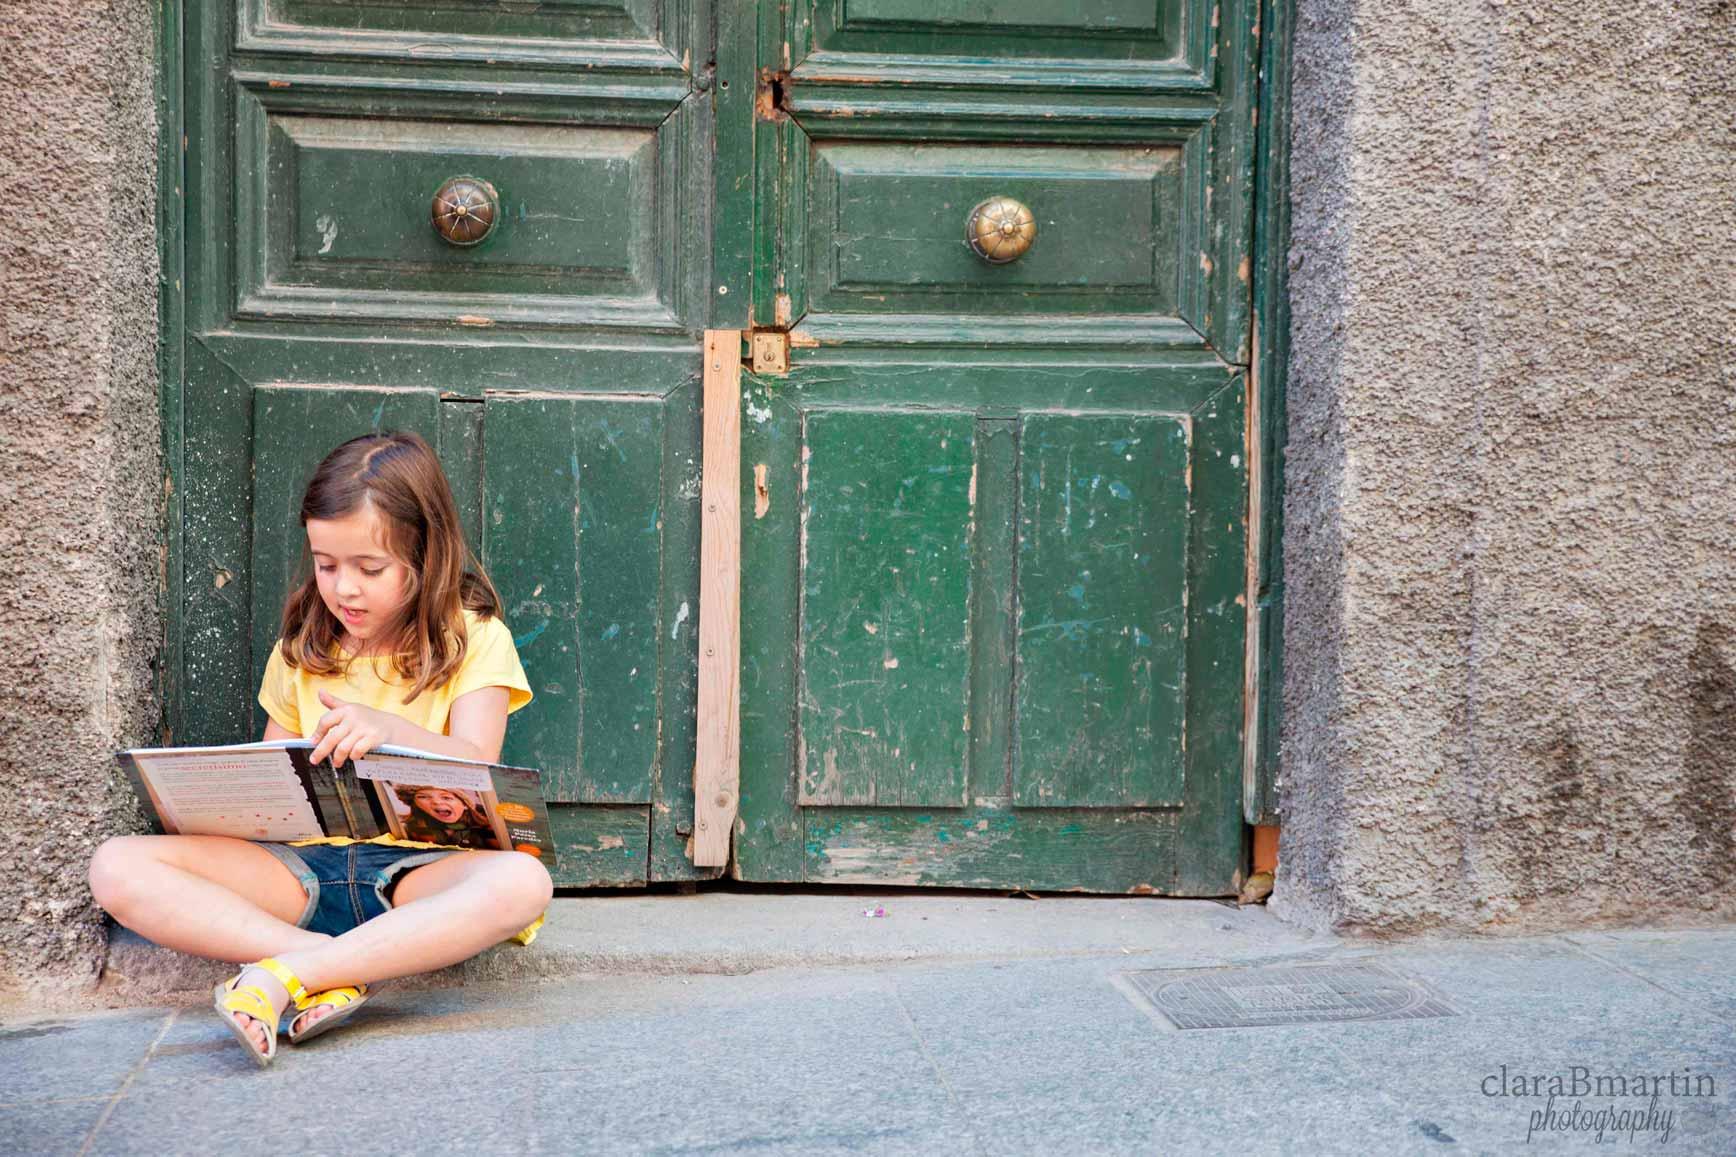 Libro_Nuria_PerezclaraBmartin_03